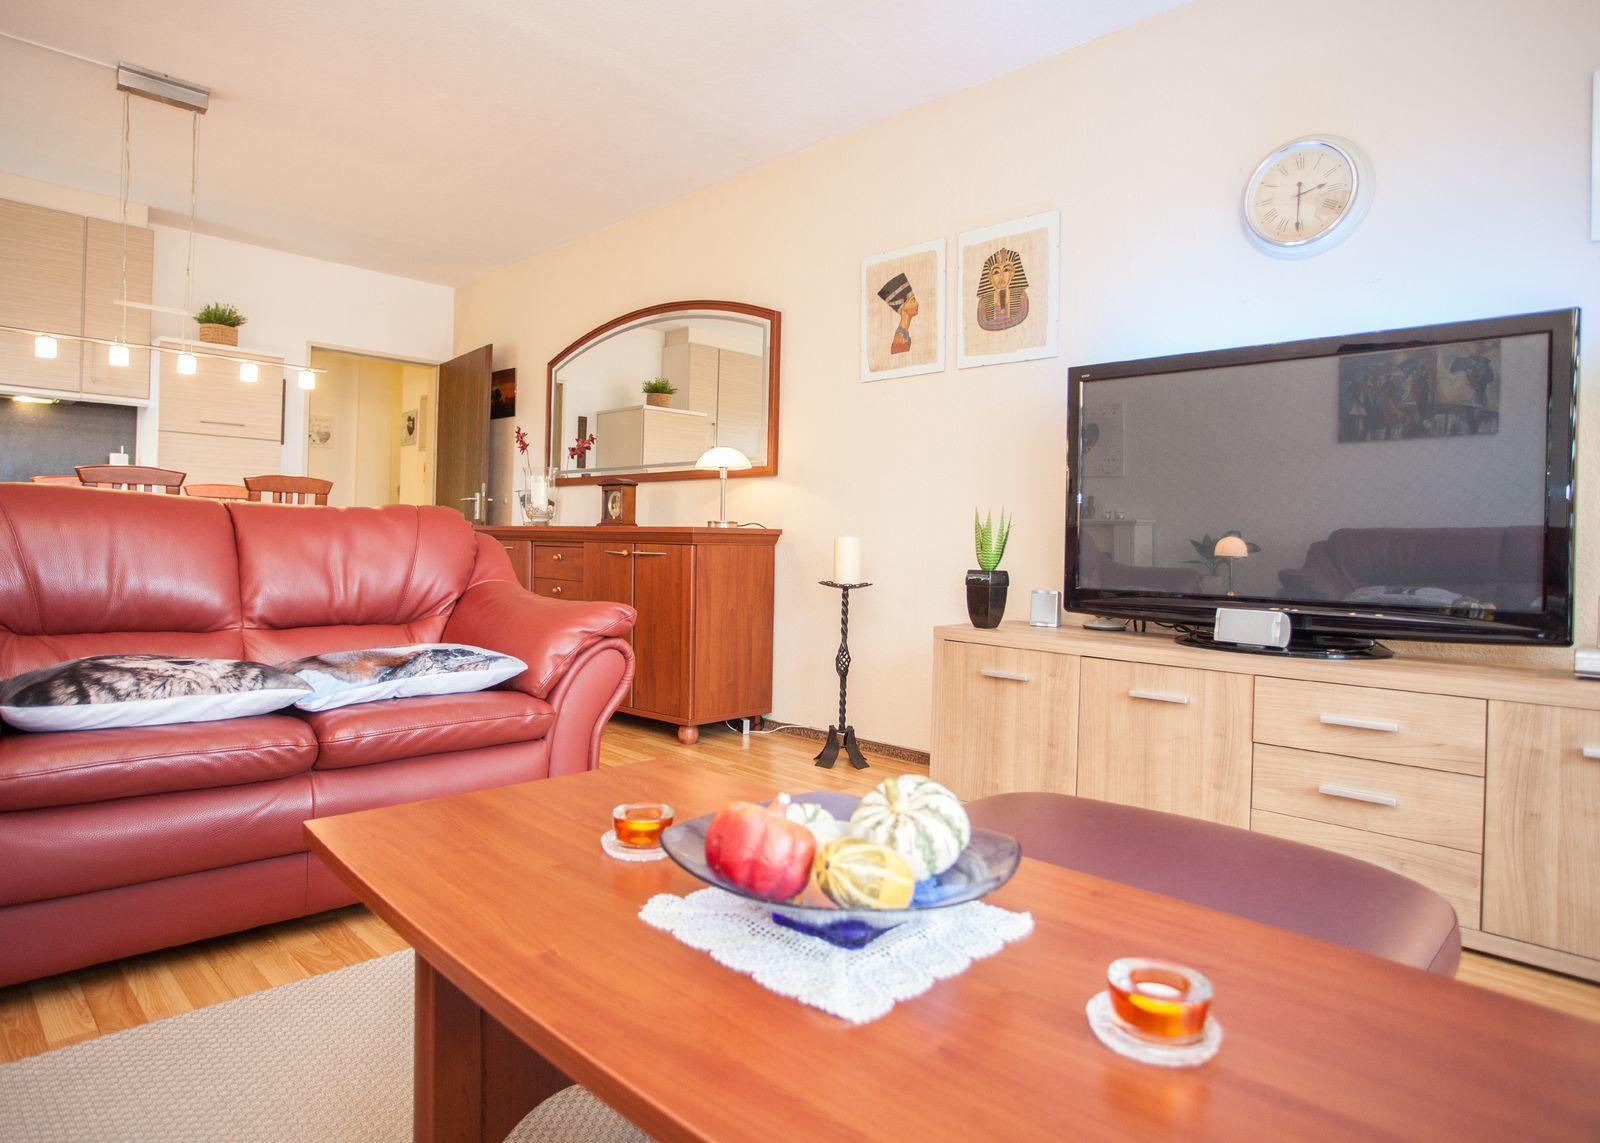 Apartment - Am Bergelchen 60-S